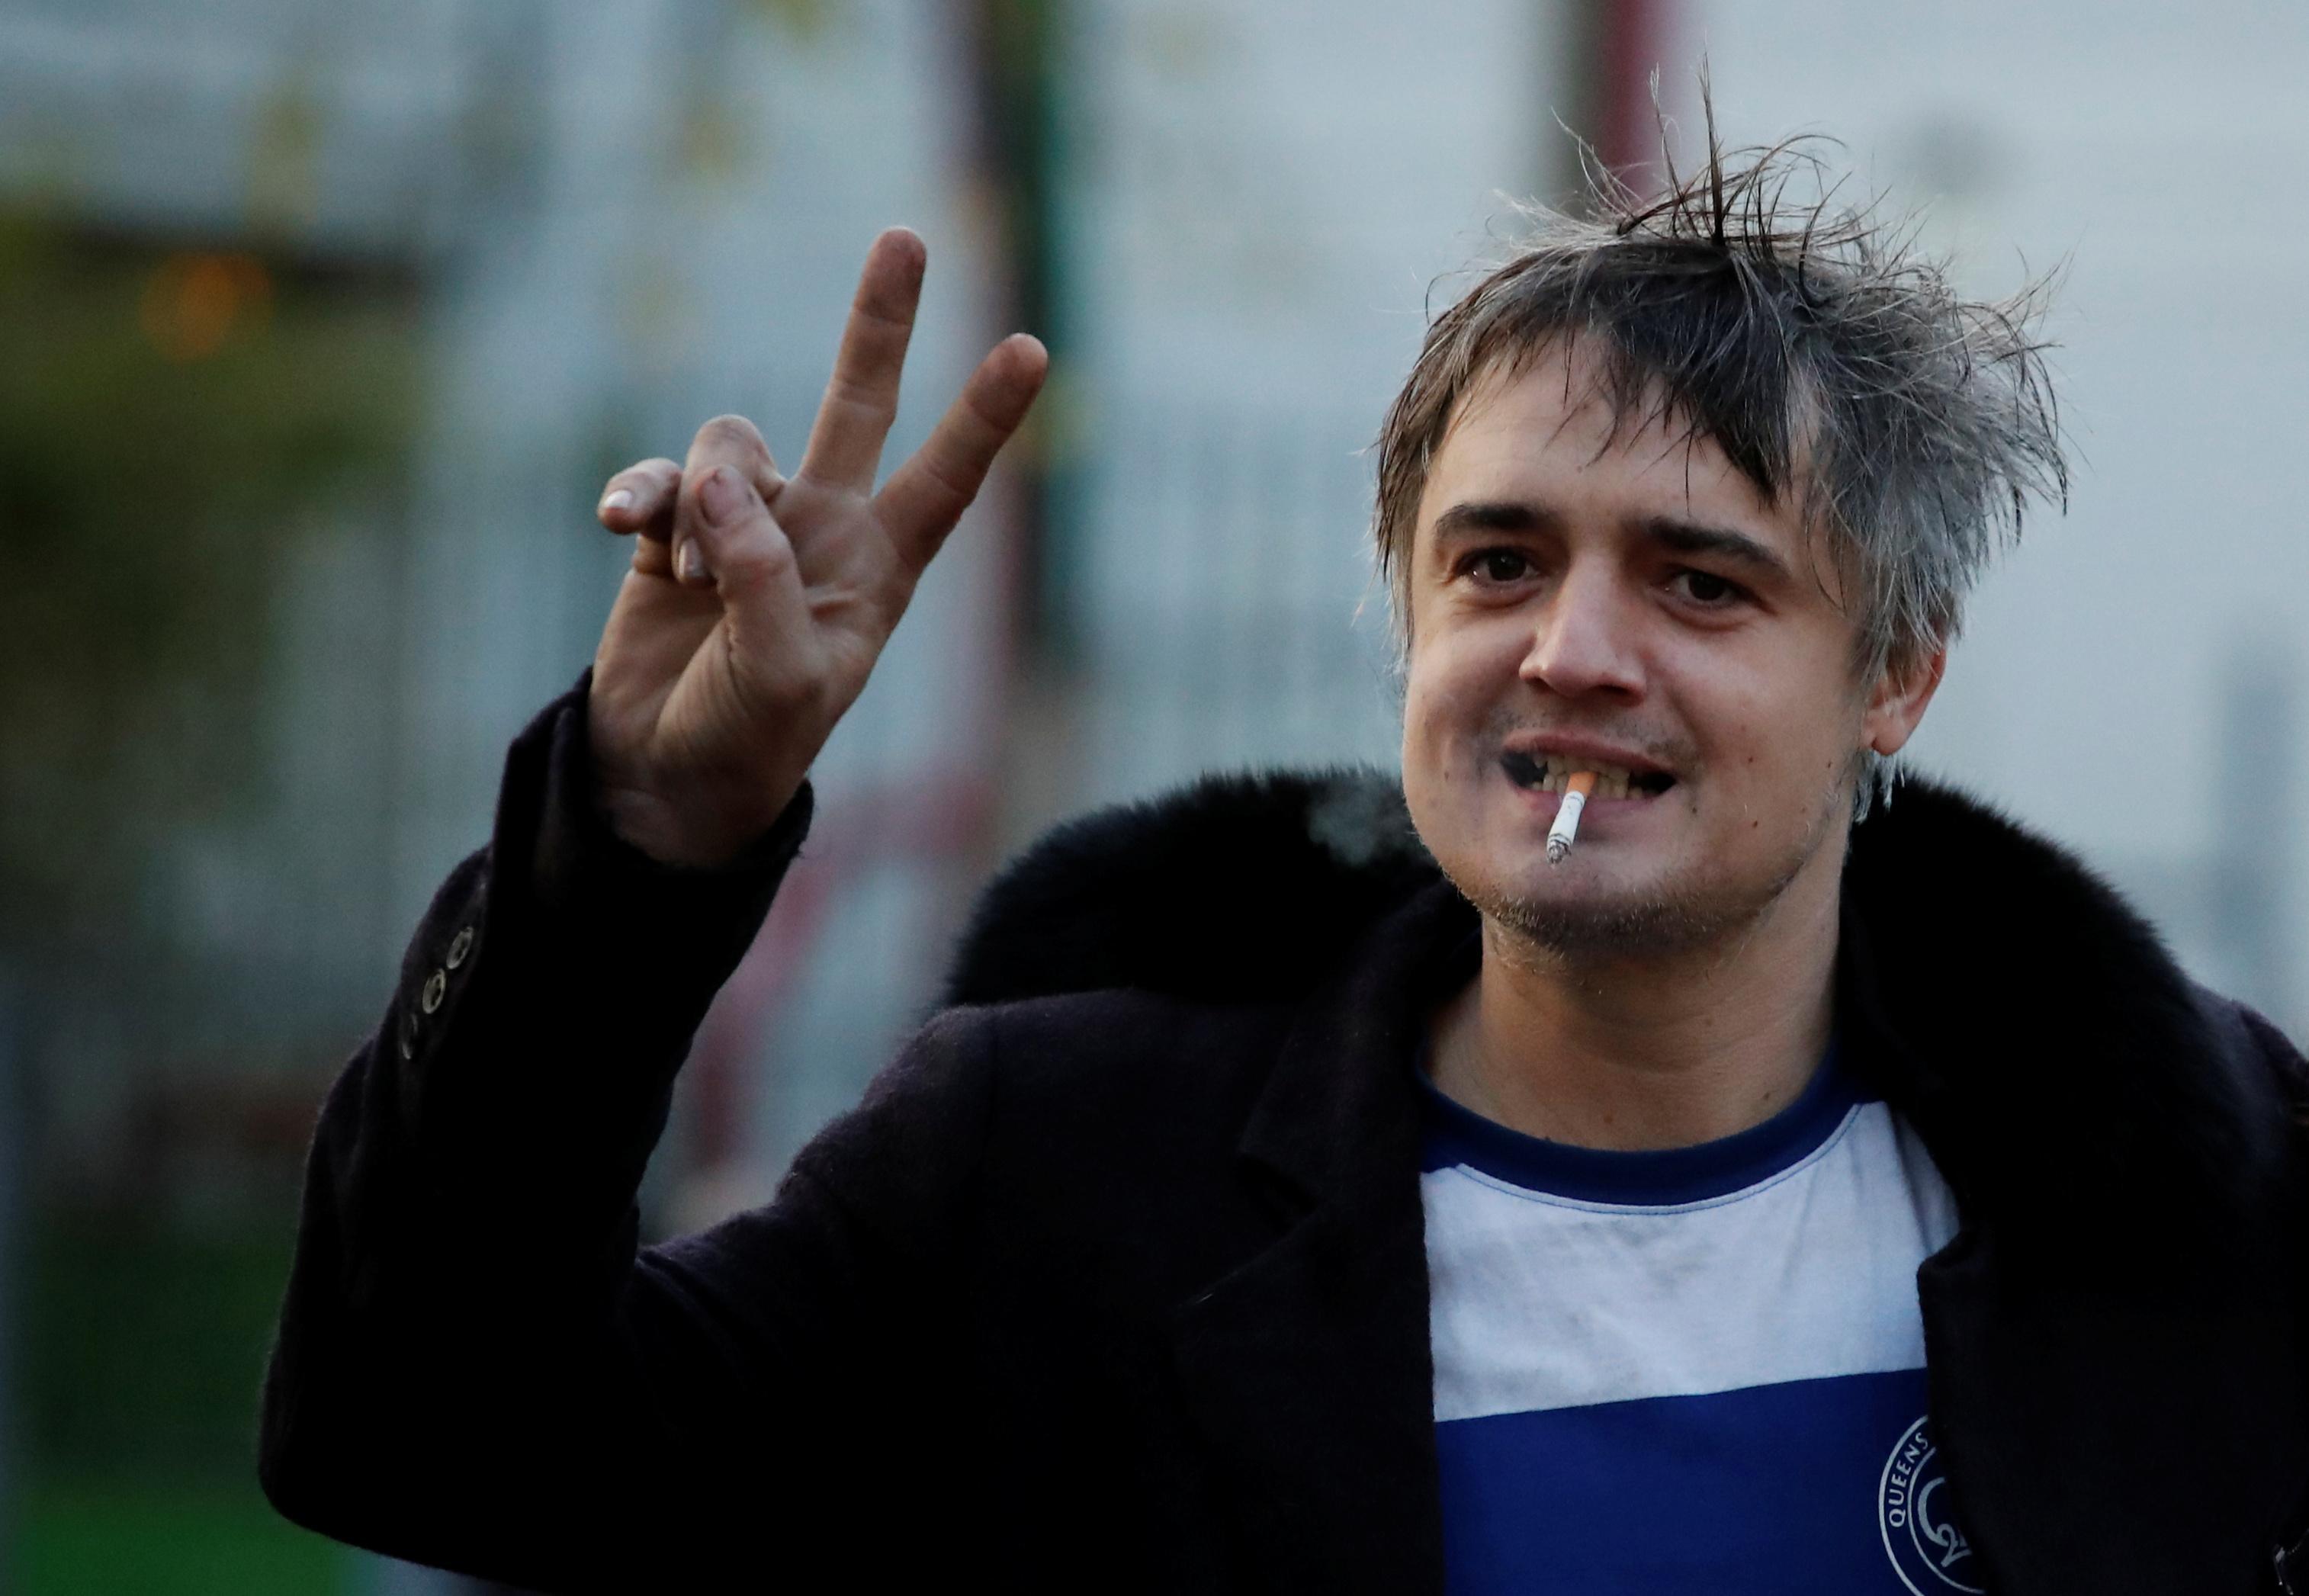 British rocker Doherty handed three-month suspended prison in Paris